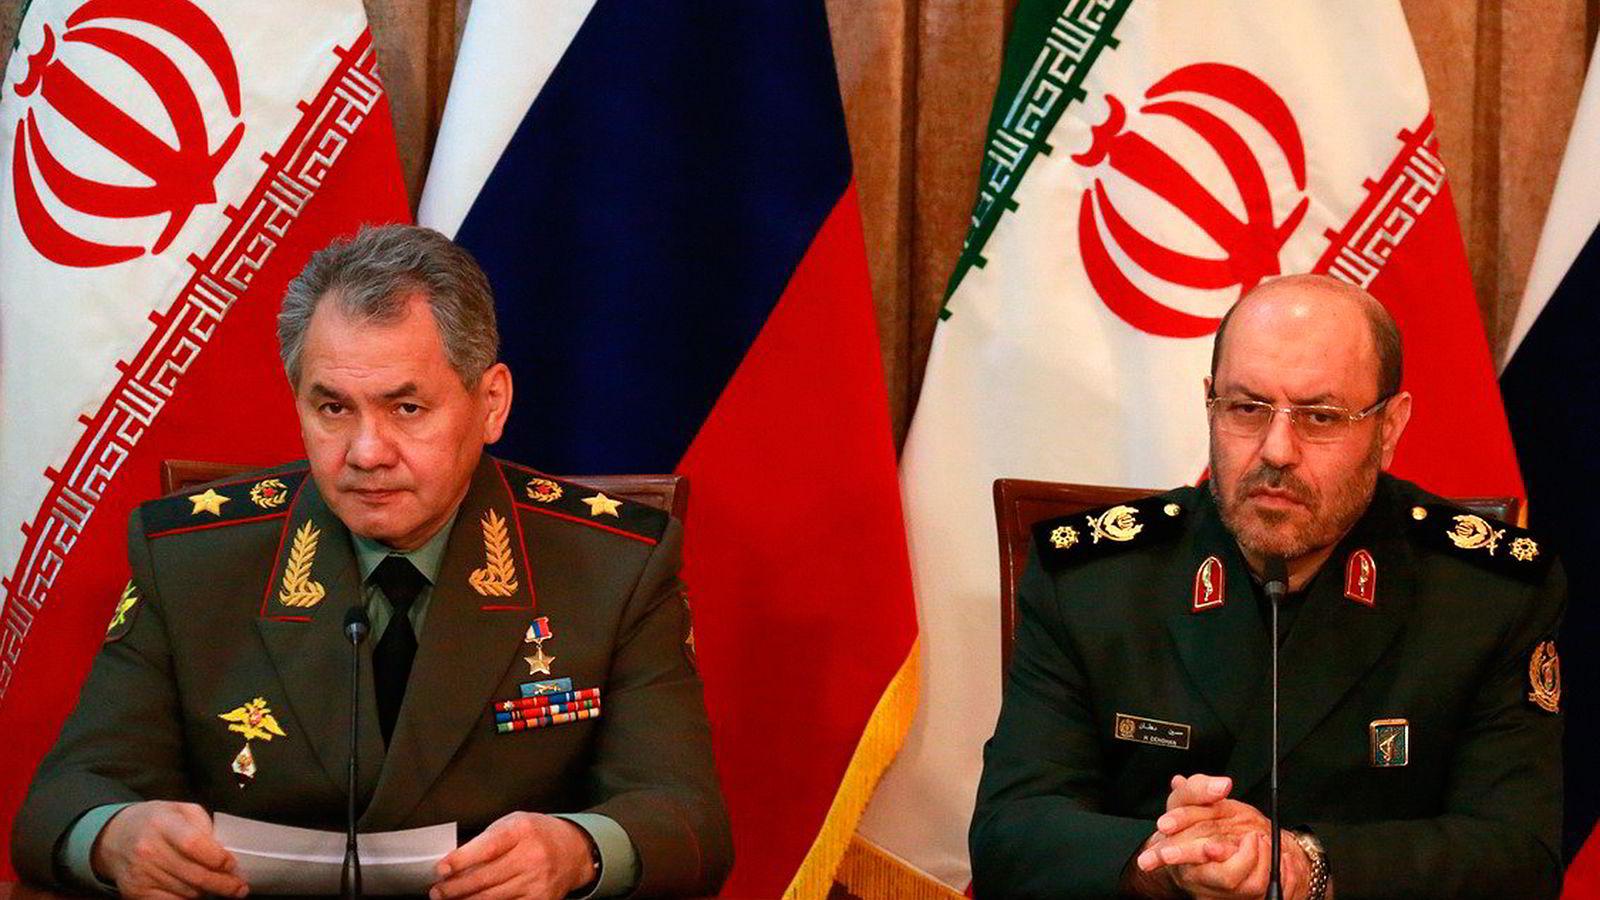 Russlands forsvarsminister Sergej Sjojgu (til venstre) og Irans forsvarsminister Hossein Dehqan signerte tirsdag en militær samarbeidsavtale mellom landene.